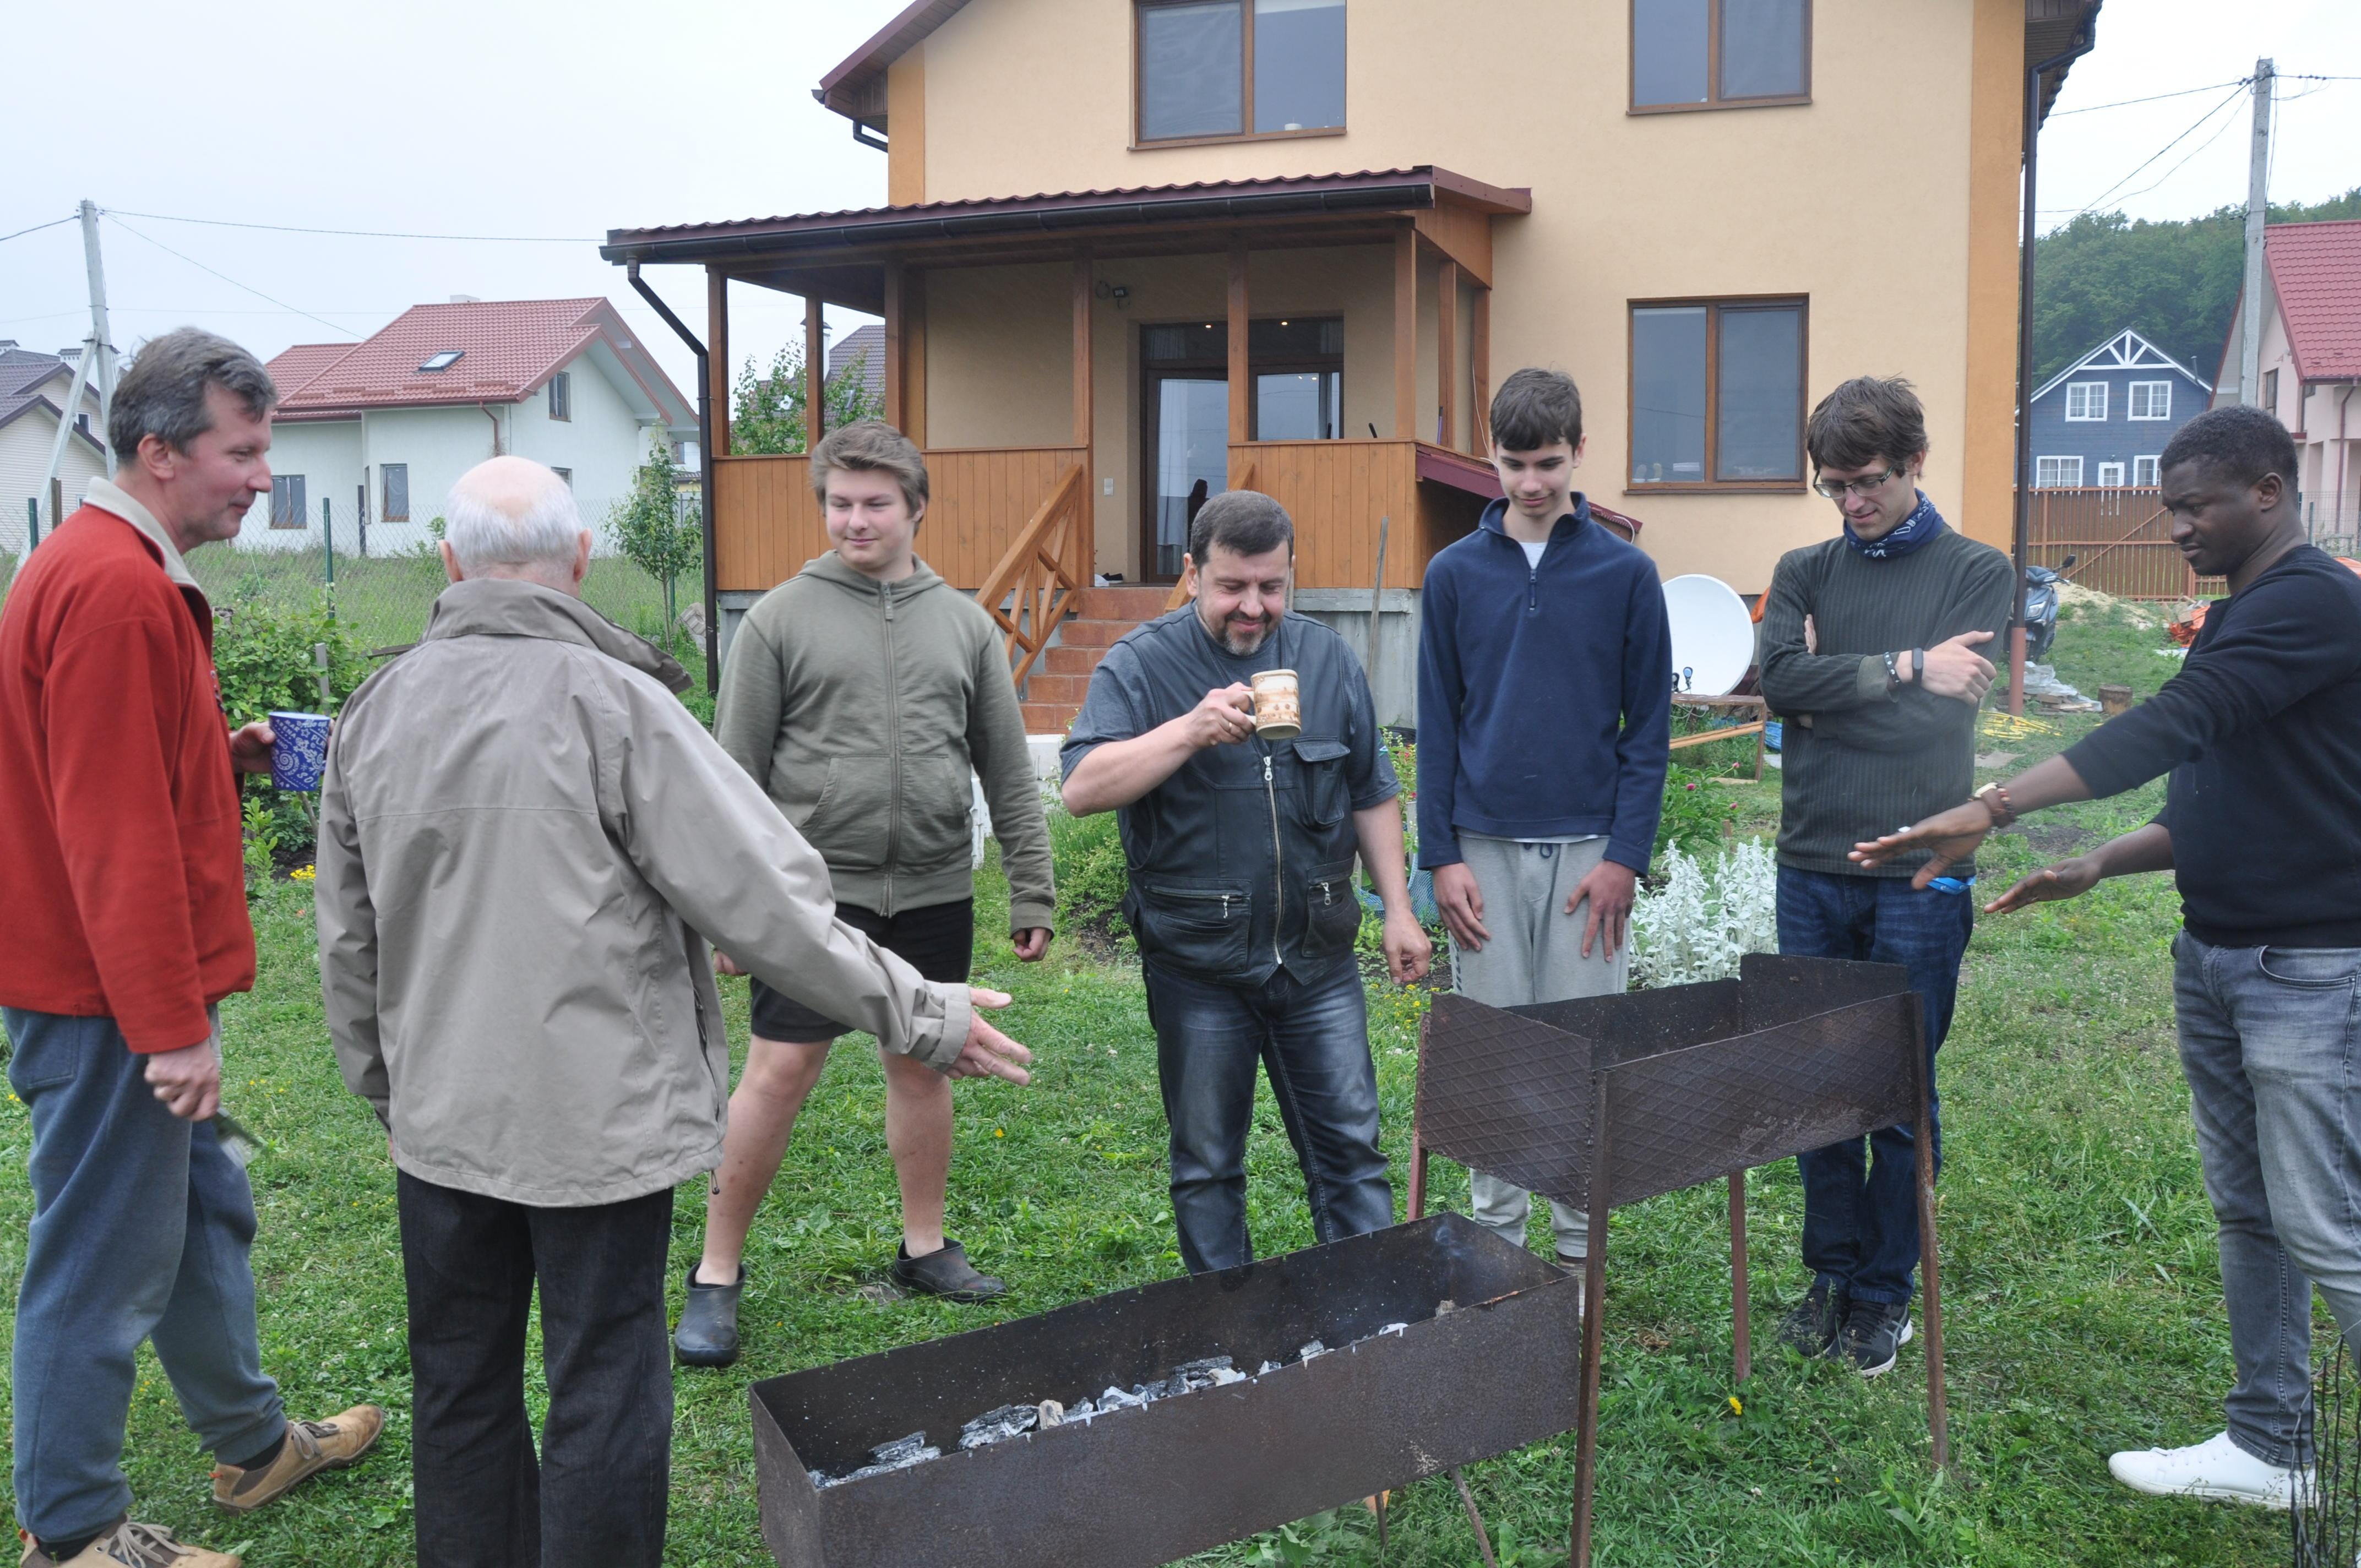 Святкування річниці церкви у Львові Фотозвіт День 1